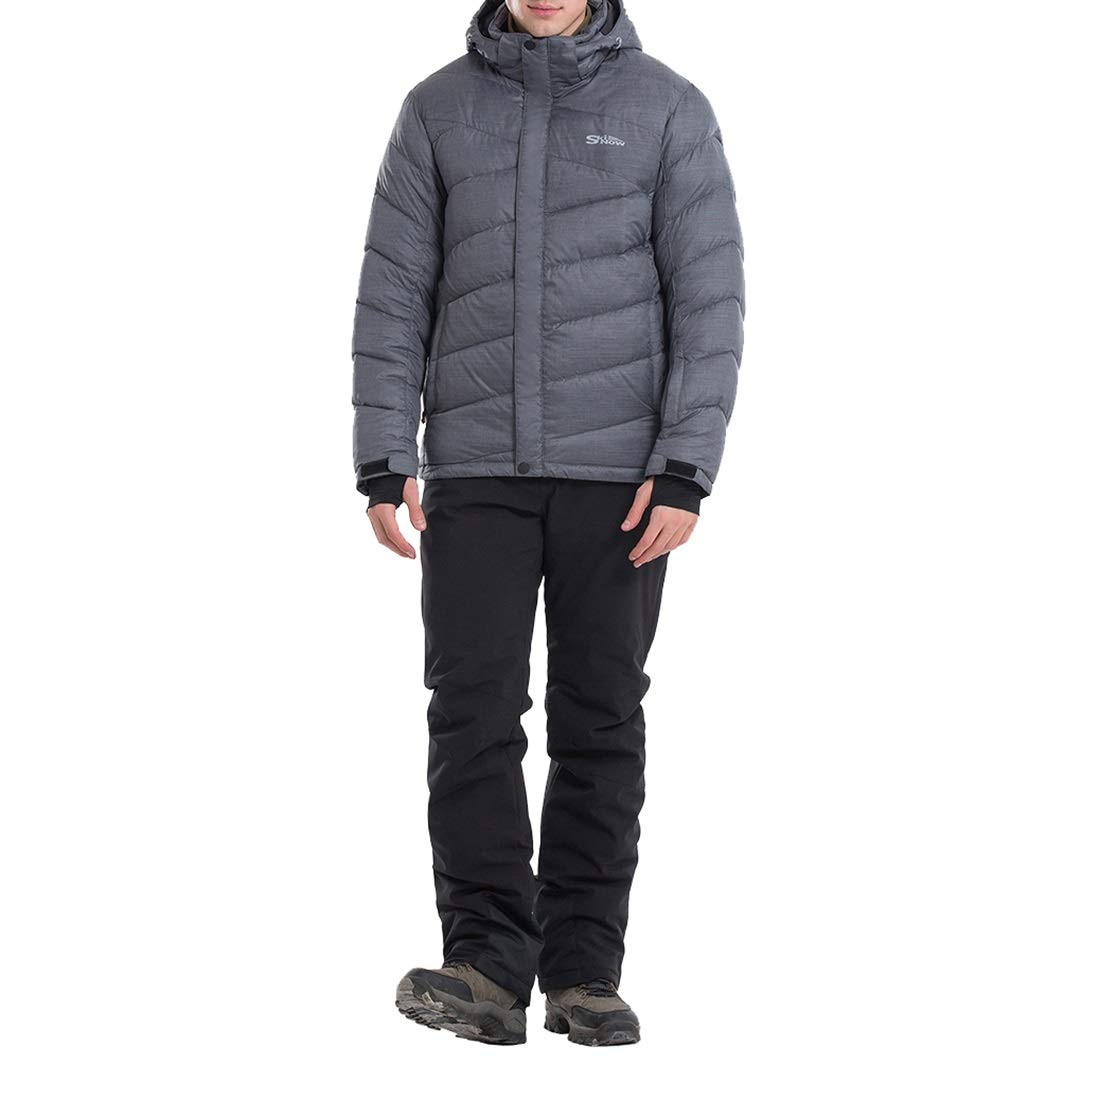 ジャケットスキースーツメンズシックウォーム通気性防風防水 (Color : グレー, サイズ : XXL) グレー XX-Large